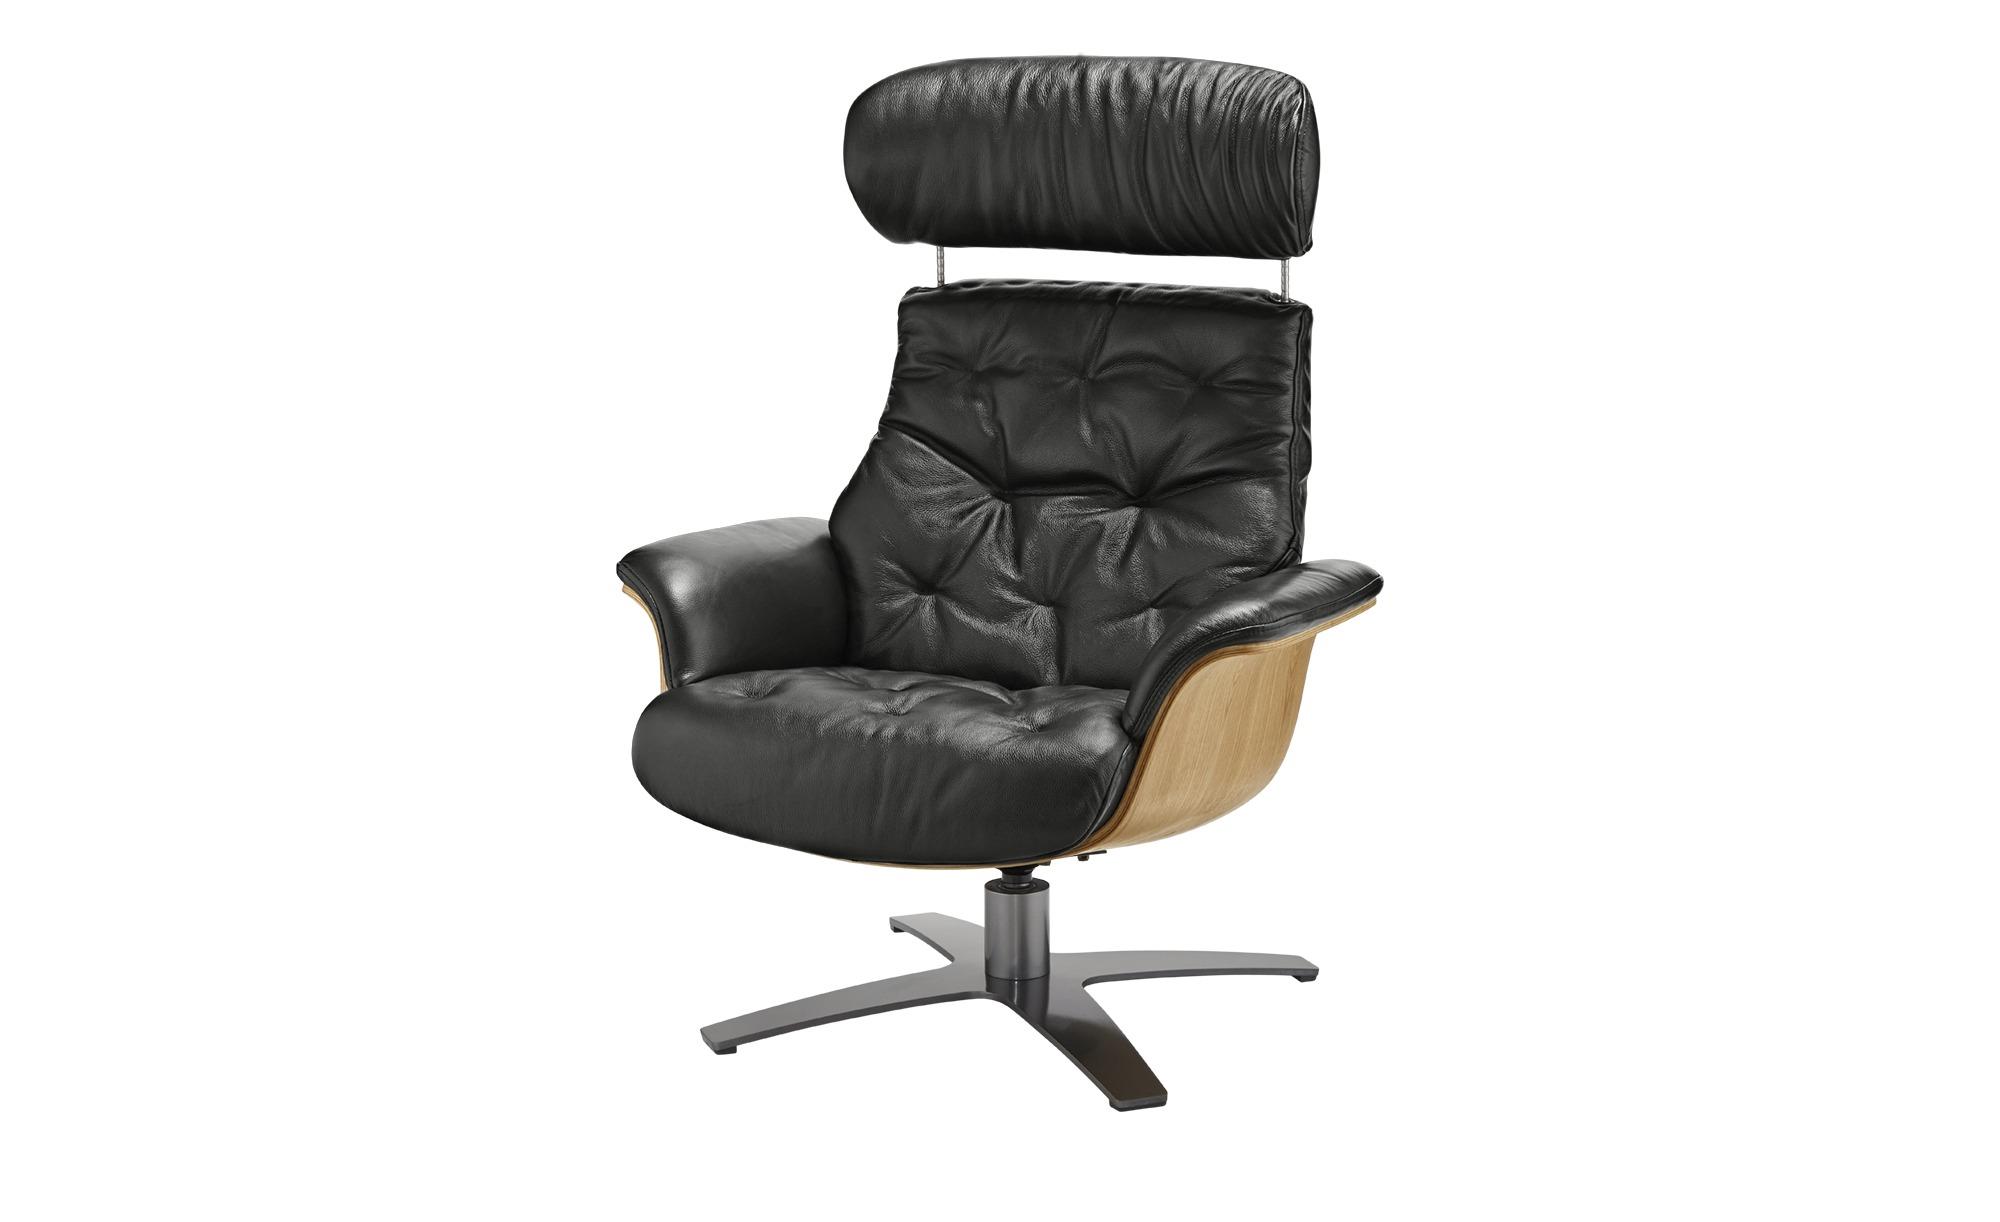 Möbel uno bei Höffner Charisgefunden Relaxsessel 3L54RjA